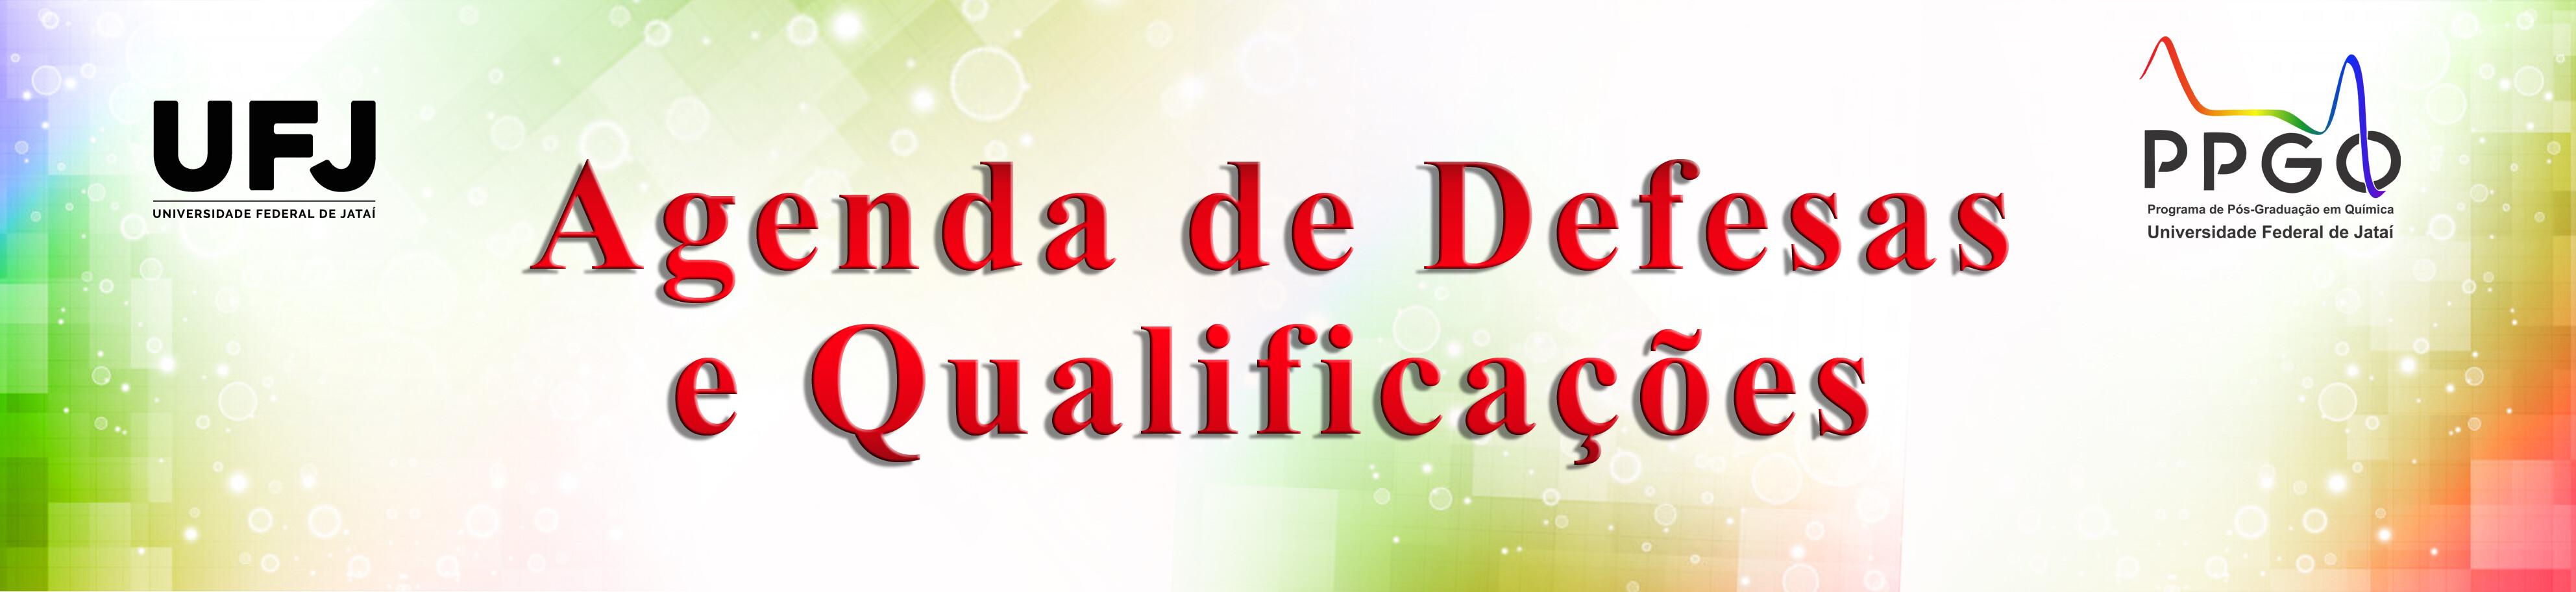 Agenda de Defesas e Qualificações